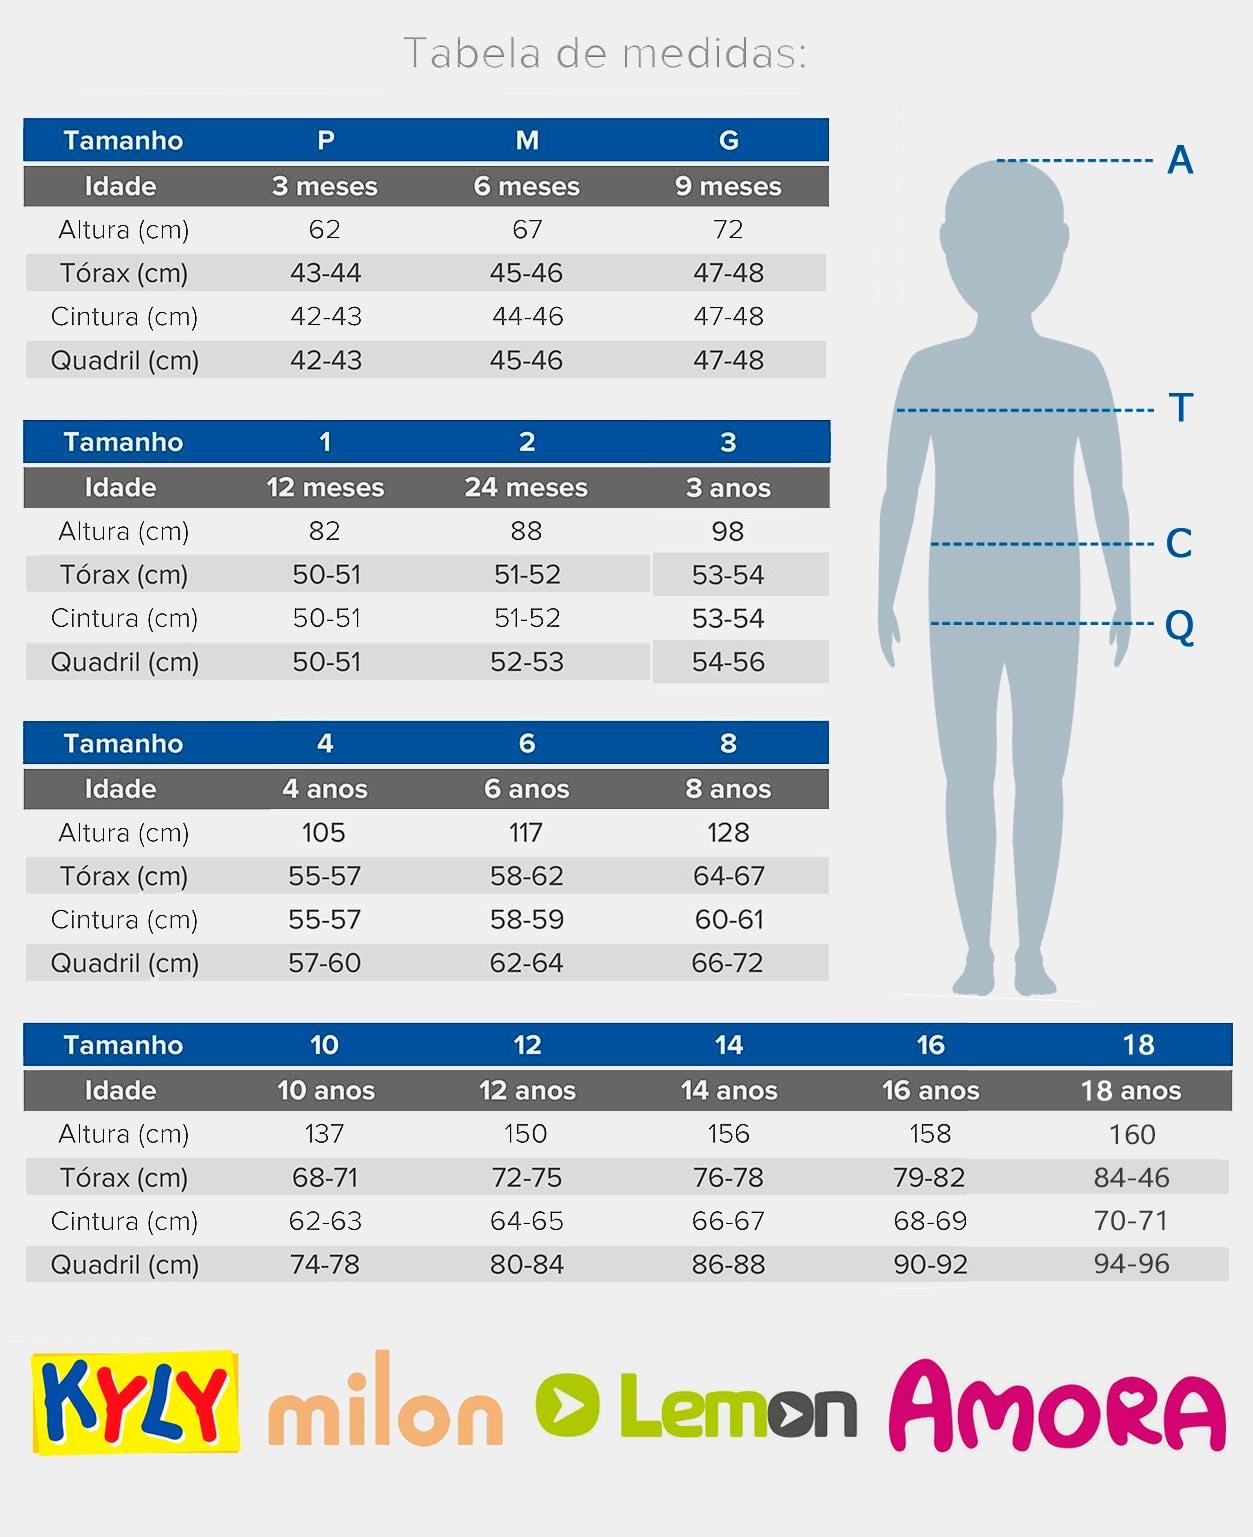 Vestido Infantil Curto Vermelho Morcego - Kyly: Tabela de medidas